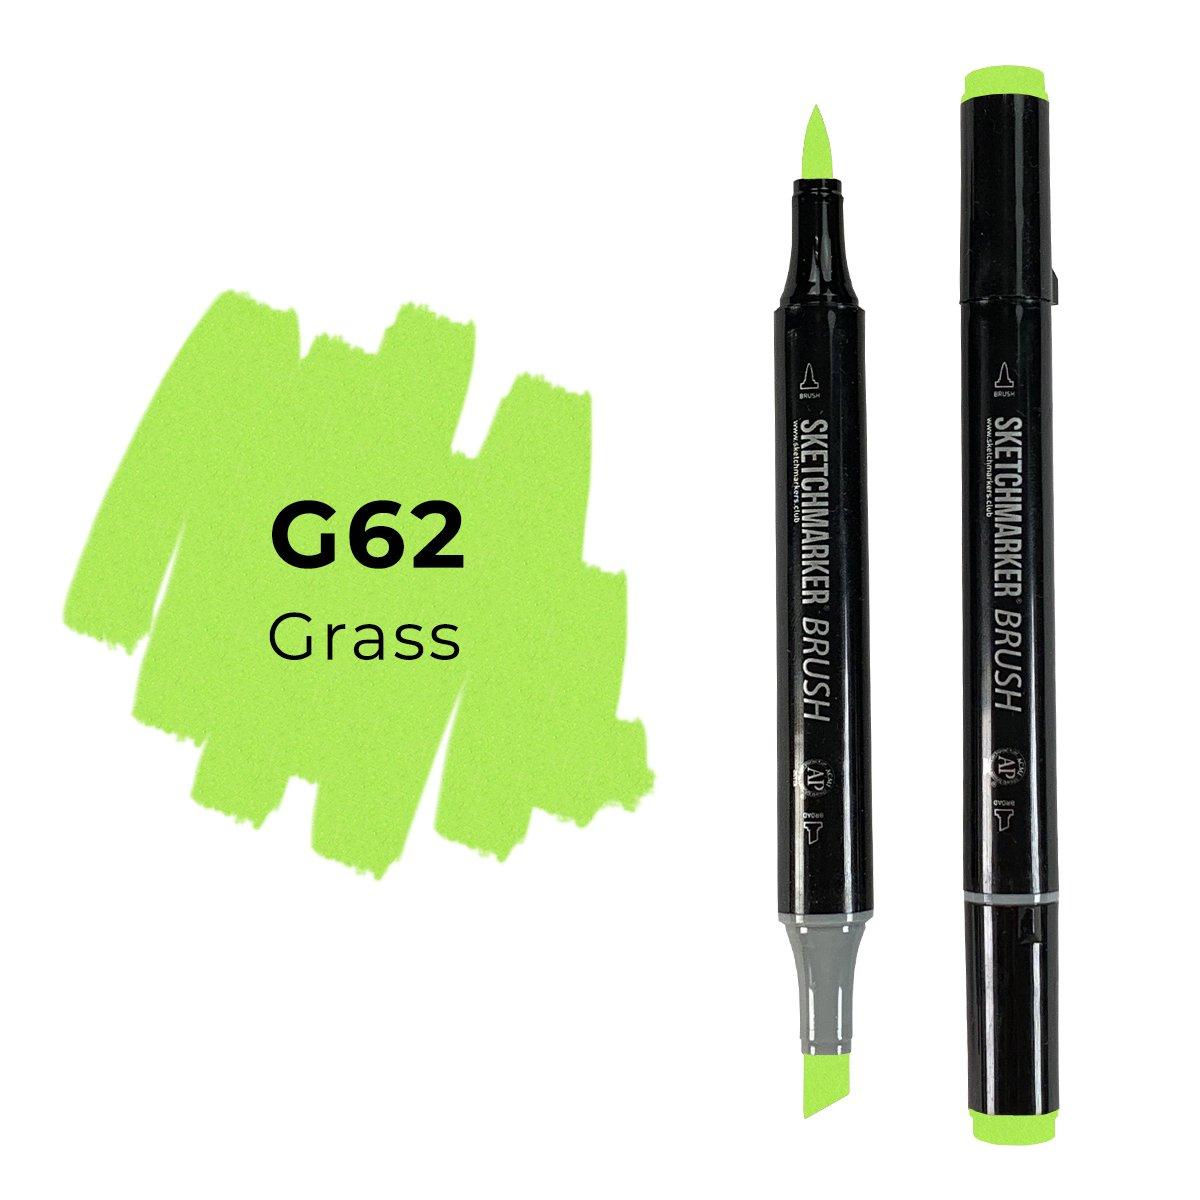 SKETCHMARKER BRUSH PRO Color: Grass